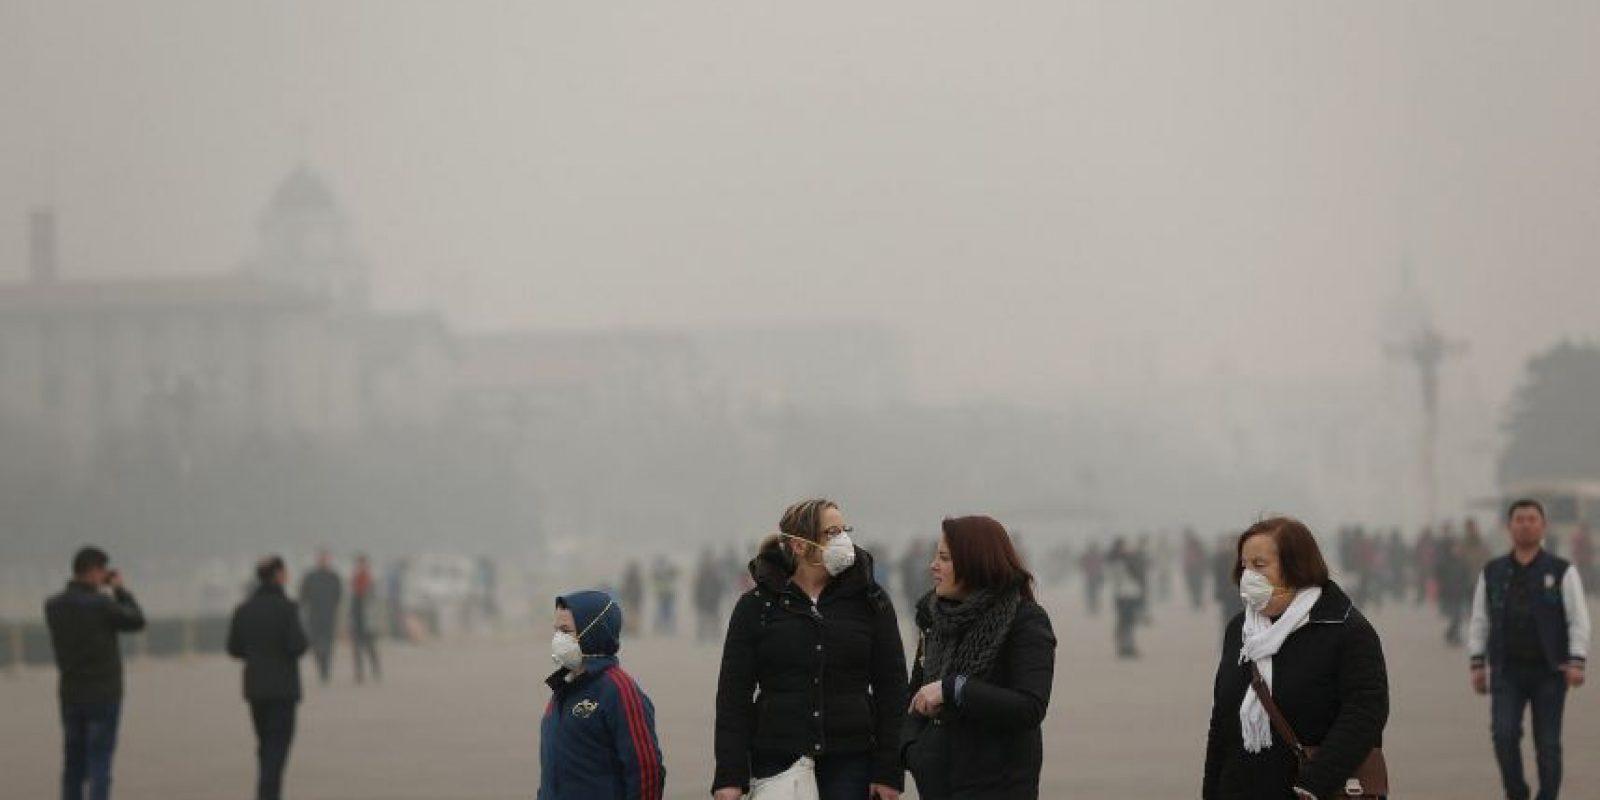 """Según la OMS, un """"80% de las defunciones prematuras relacionadas con la contaminación del aire exterior se deben a cardiopatía isquémica y accidente cerebrovascular, mientras que un 14% se deben a neumopatía obstructiva crónica o infección aguda de las vías respiratorias inferiores, y un 6% a cáncer de pulmón"""". Foto:Getty Images"""